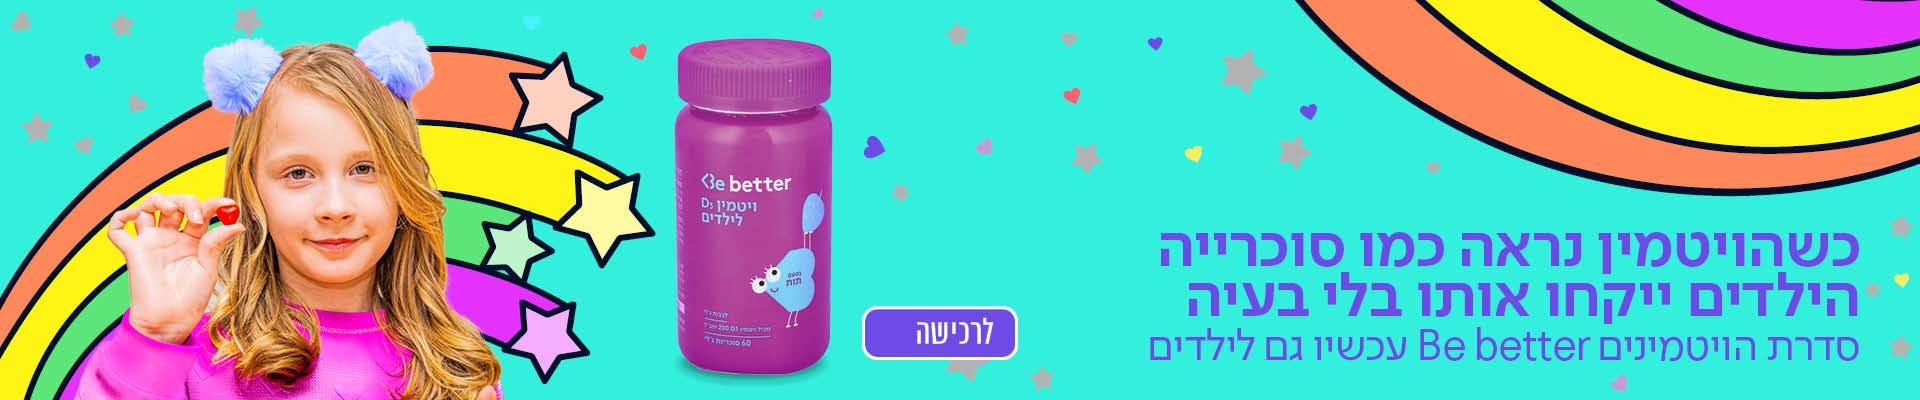 כשויטמין נראה כמו סוכרייה הילדים ייקחו אותו בלי בעיה סדרת הויטמינים BE better עכשיו גם לילדים לרכישה